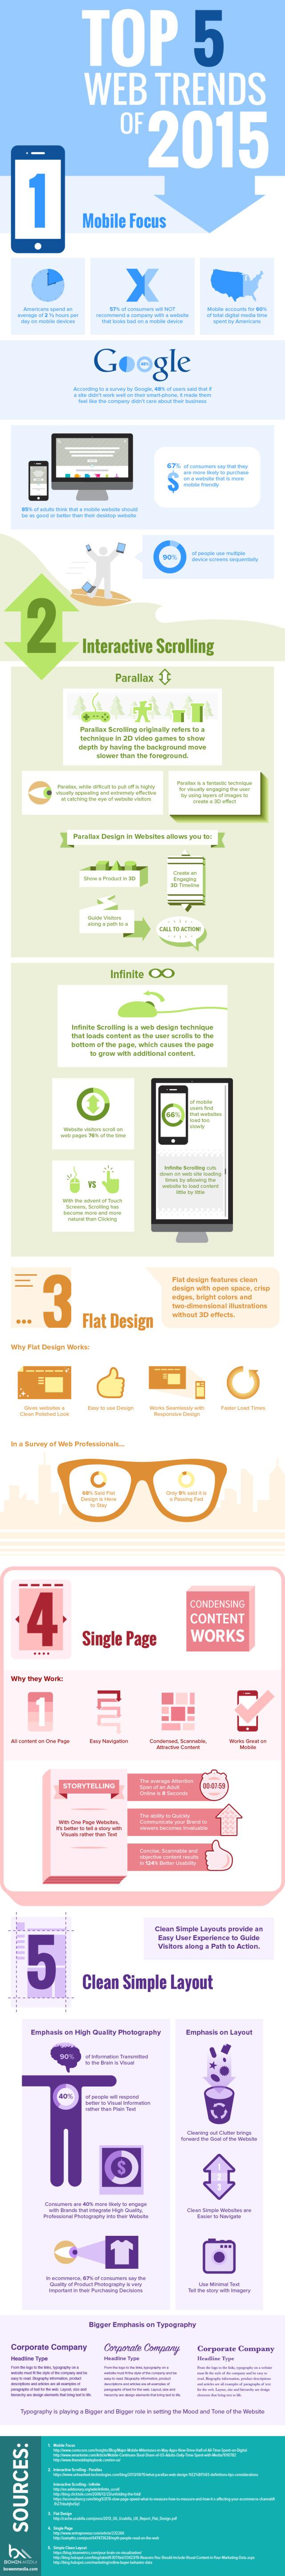 Top 5 Web Design Trends 2015